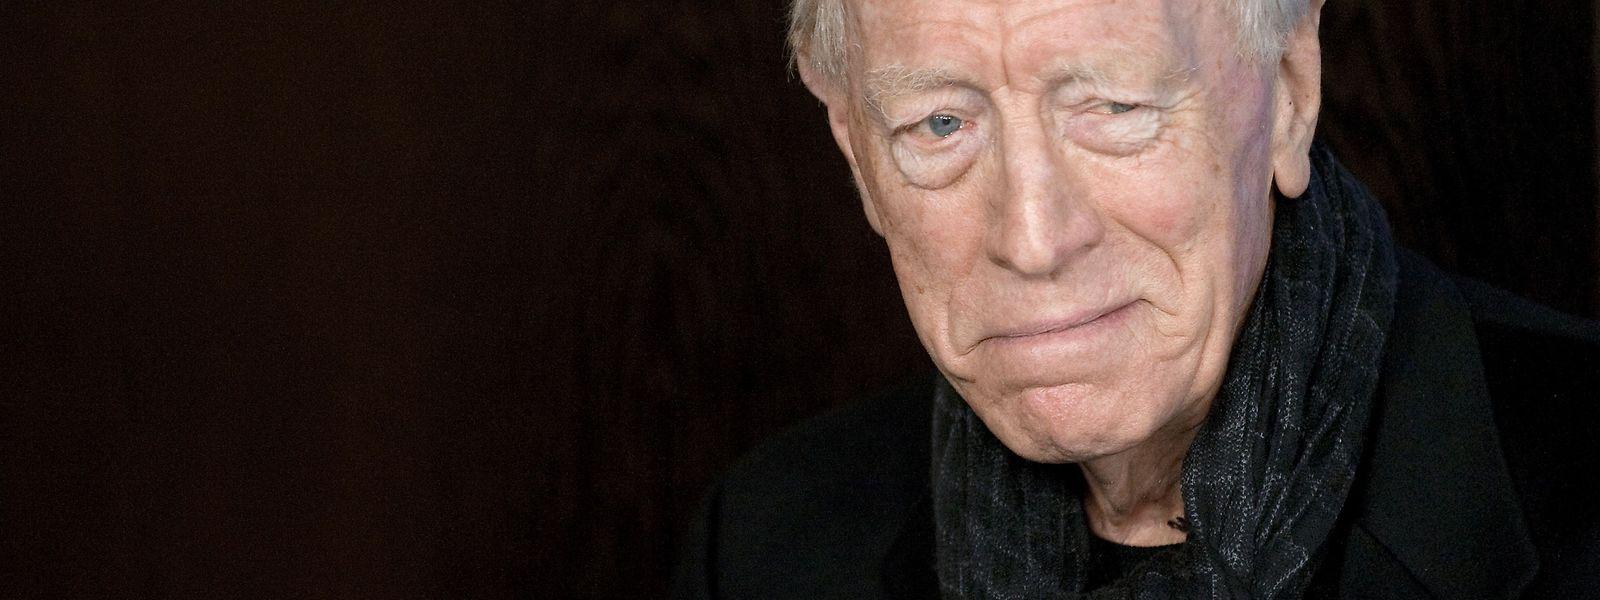 """Schauspiellegende Max von Sydow - hier beim Photocall von """"Extremely Loud and Incredibly Close"""" - ist im Alter von 90 Jahren verstorben."""